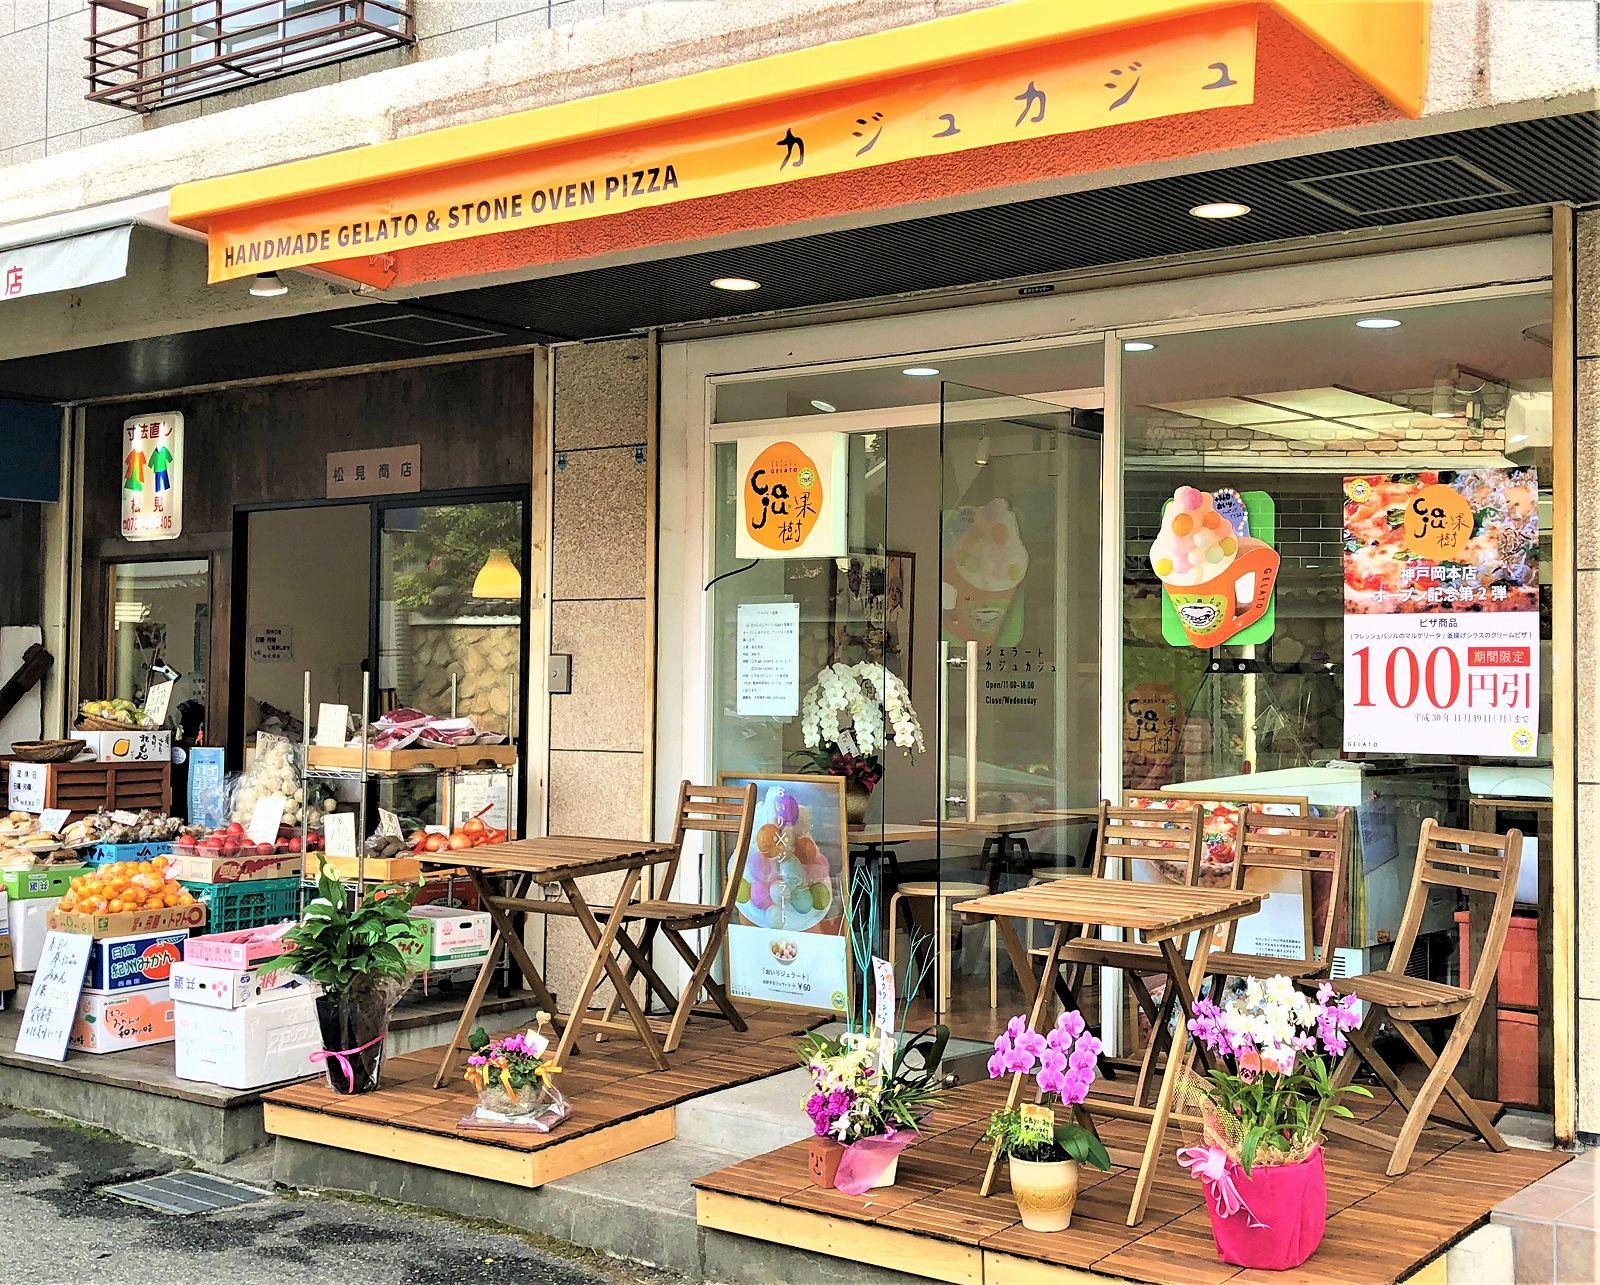 神戸・岡本に 「ジェラートCaju×果樹(カジュカジュ)」が11/1オープン!甲南大学へ行く途中にあるよ。 #神戸岡本 #カジュカジュ #ジェラート #新規オープン #岡本スイーツ